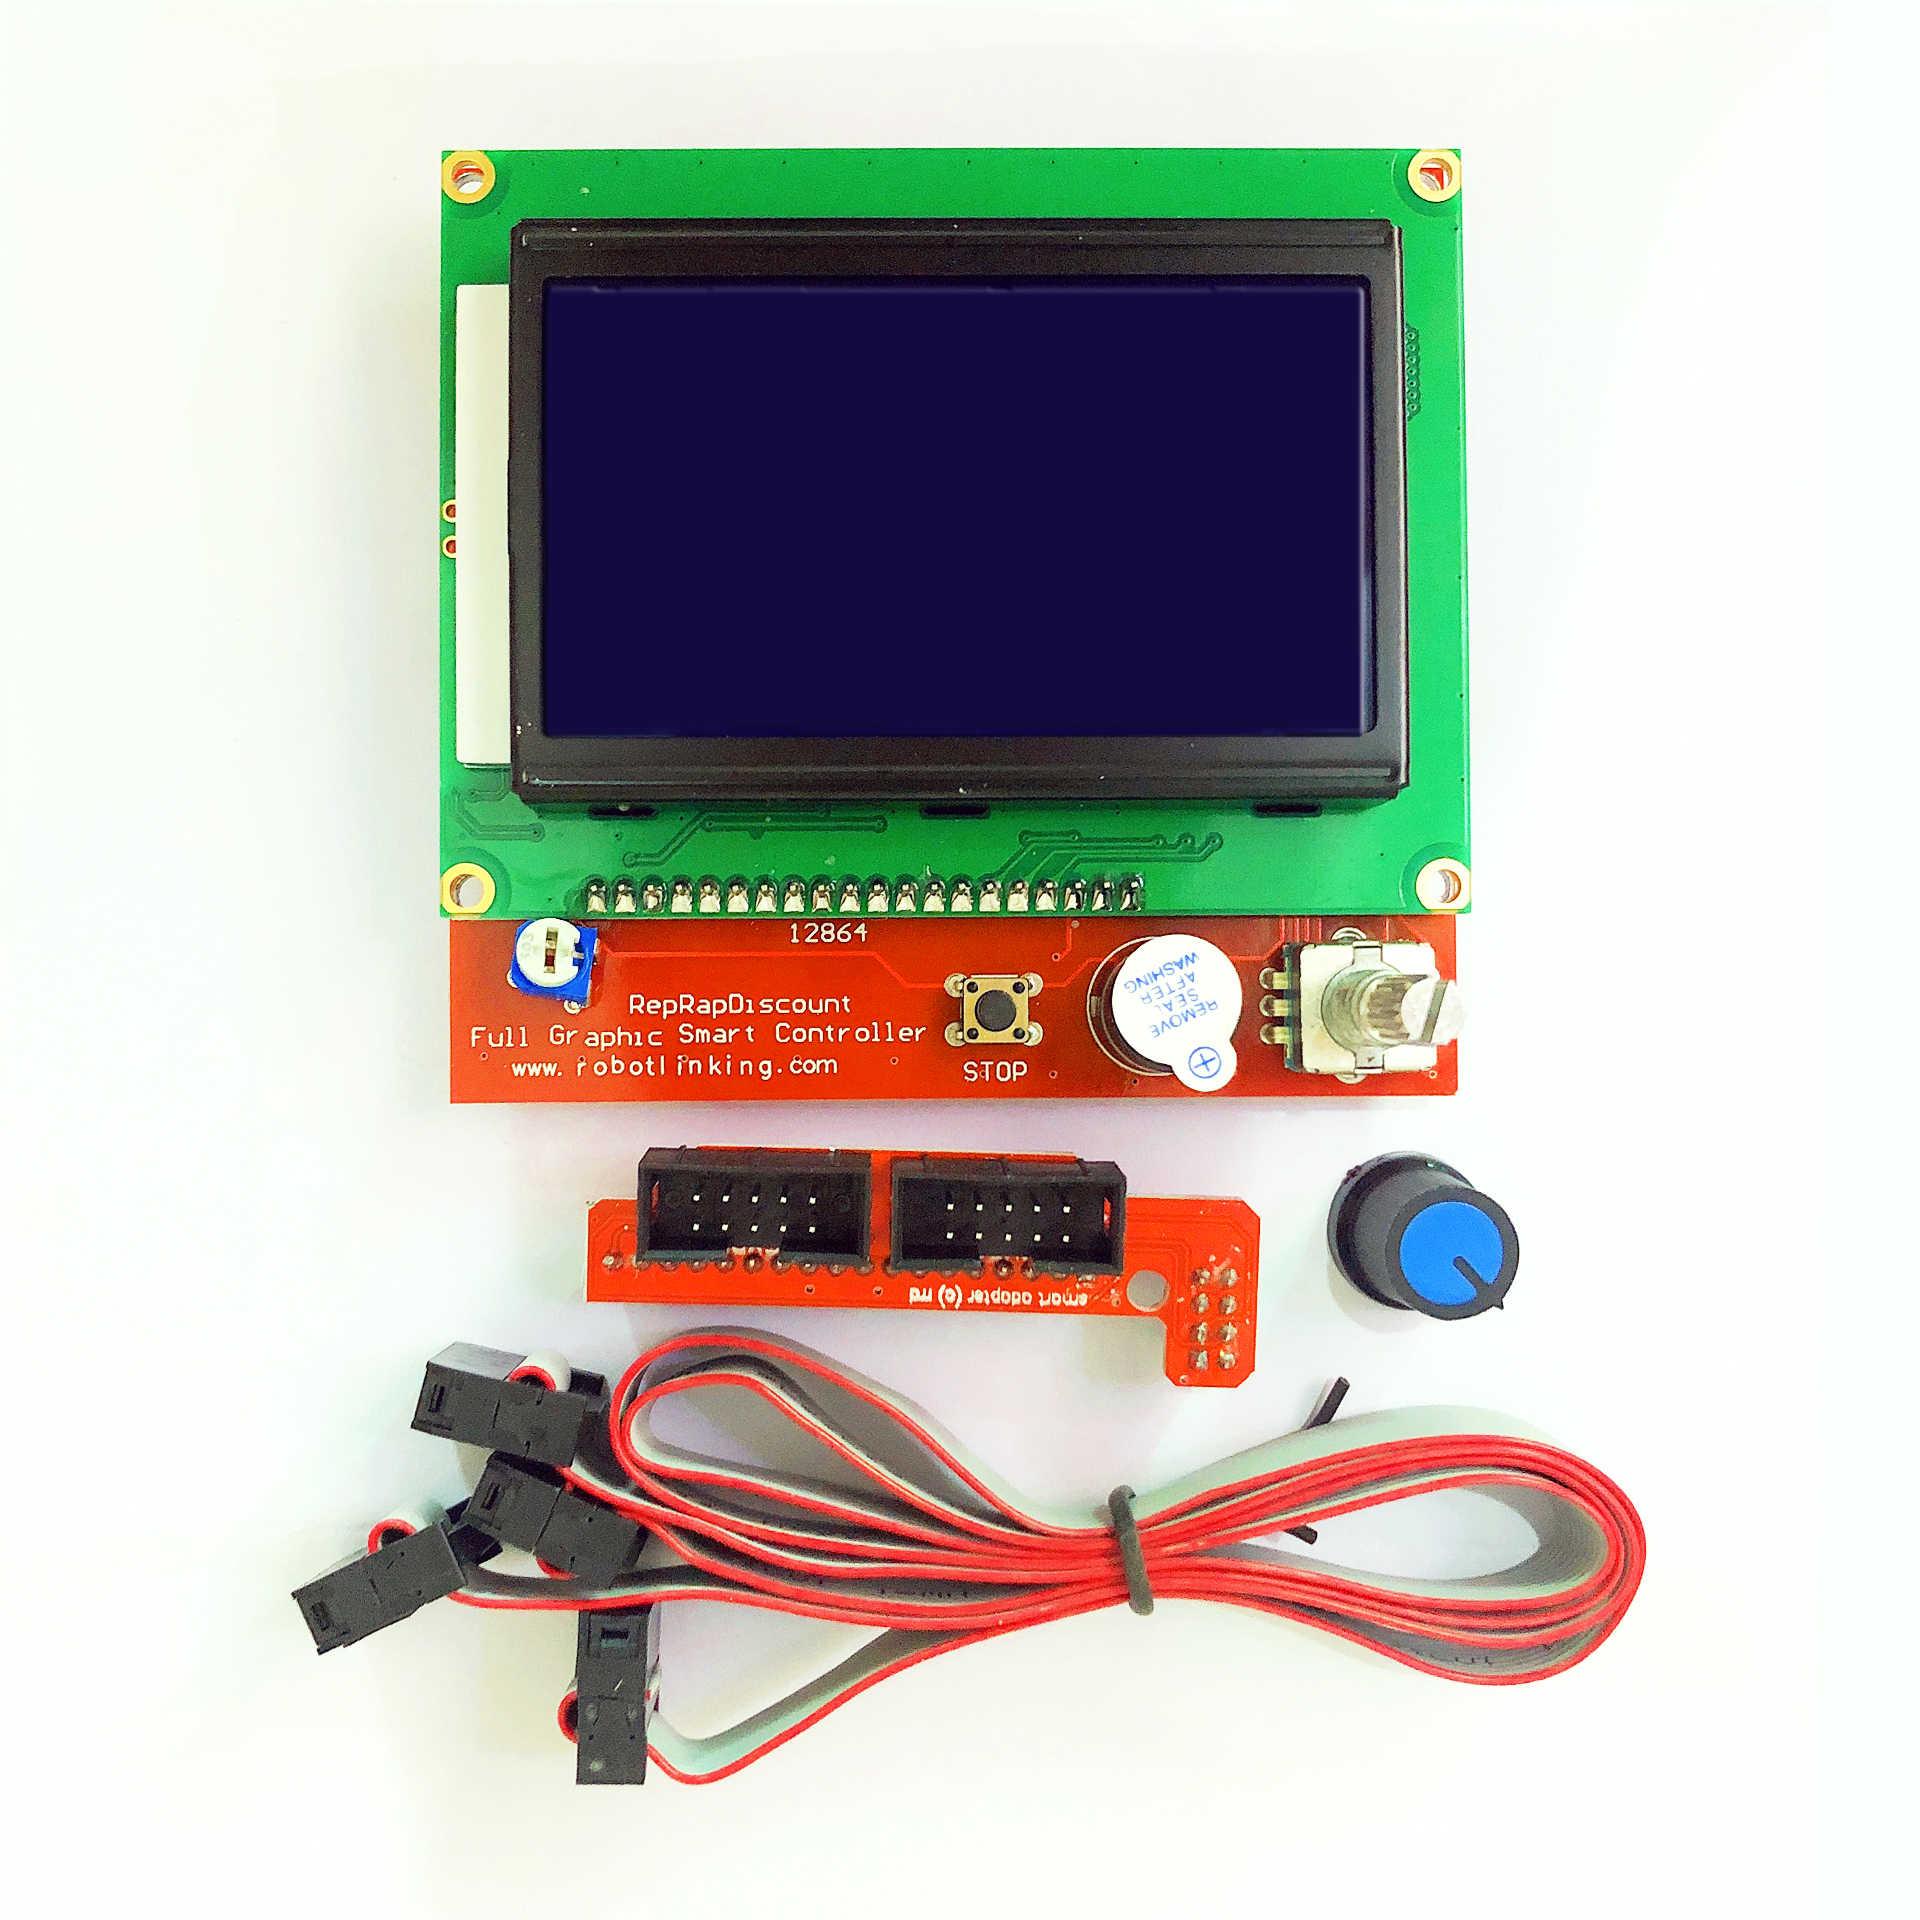 RepRap RAMPS 1,6 комплект с МЕГА 2560 r3 + тепловым MK2B + 12864 ЖК-контроллер + DRV8825 + механический переключатель + кабели для 3D-принтера